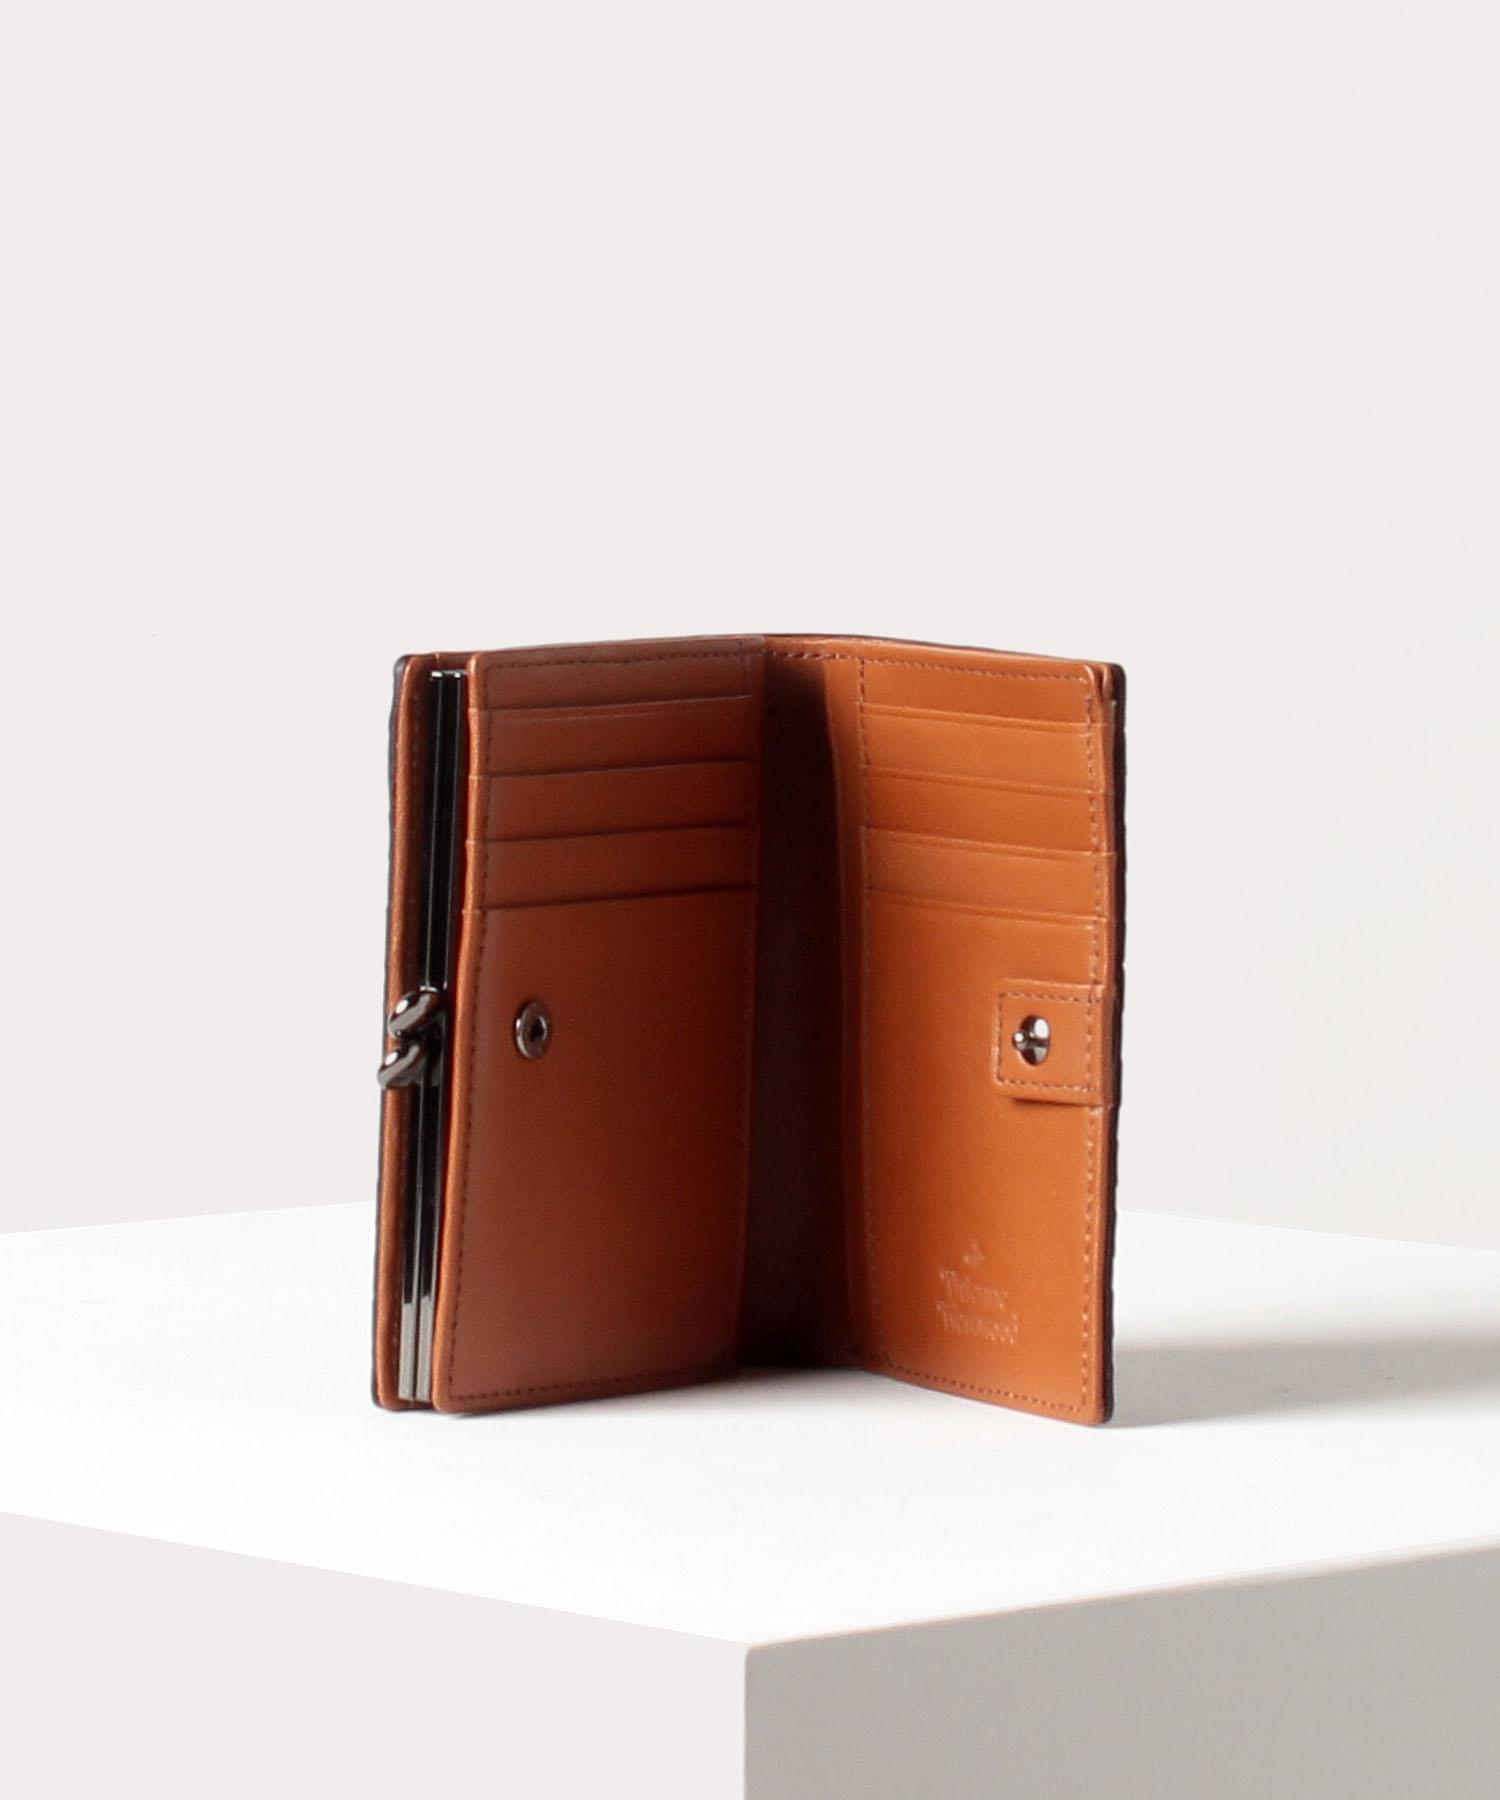 ブライダルボックス 口金二つ折り財布